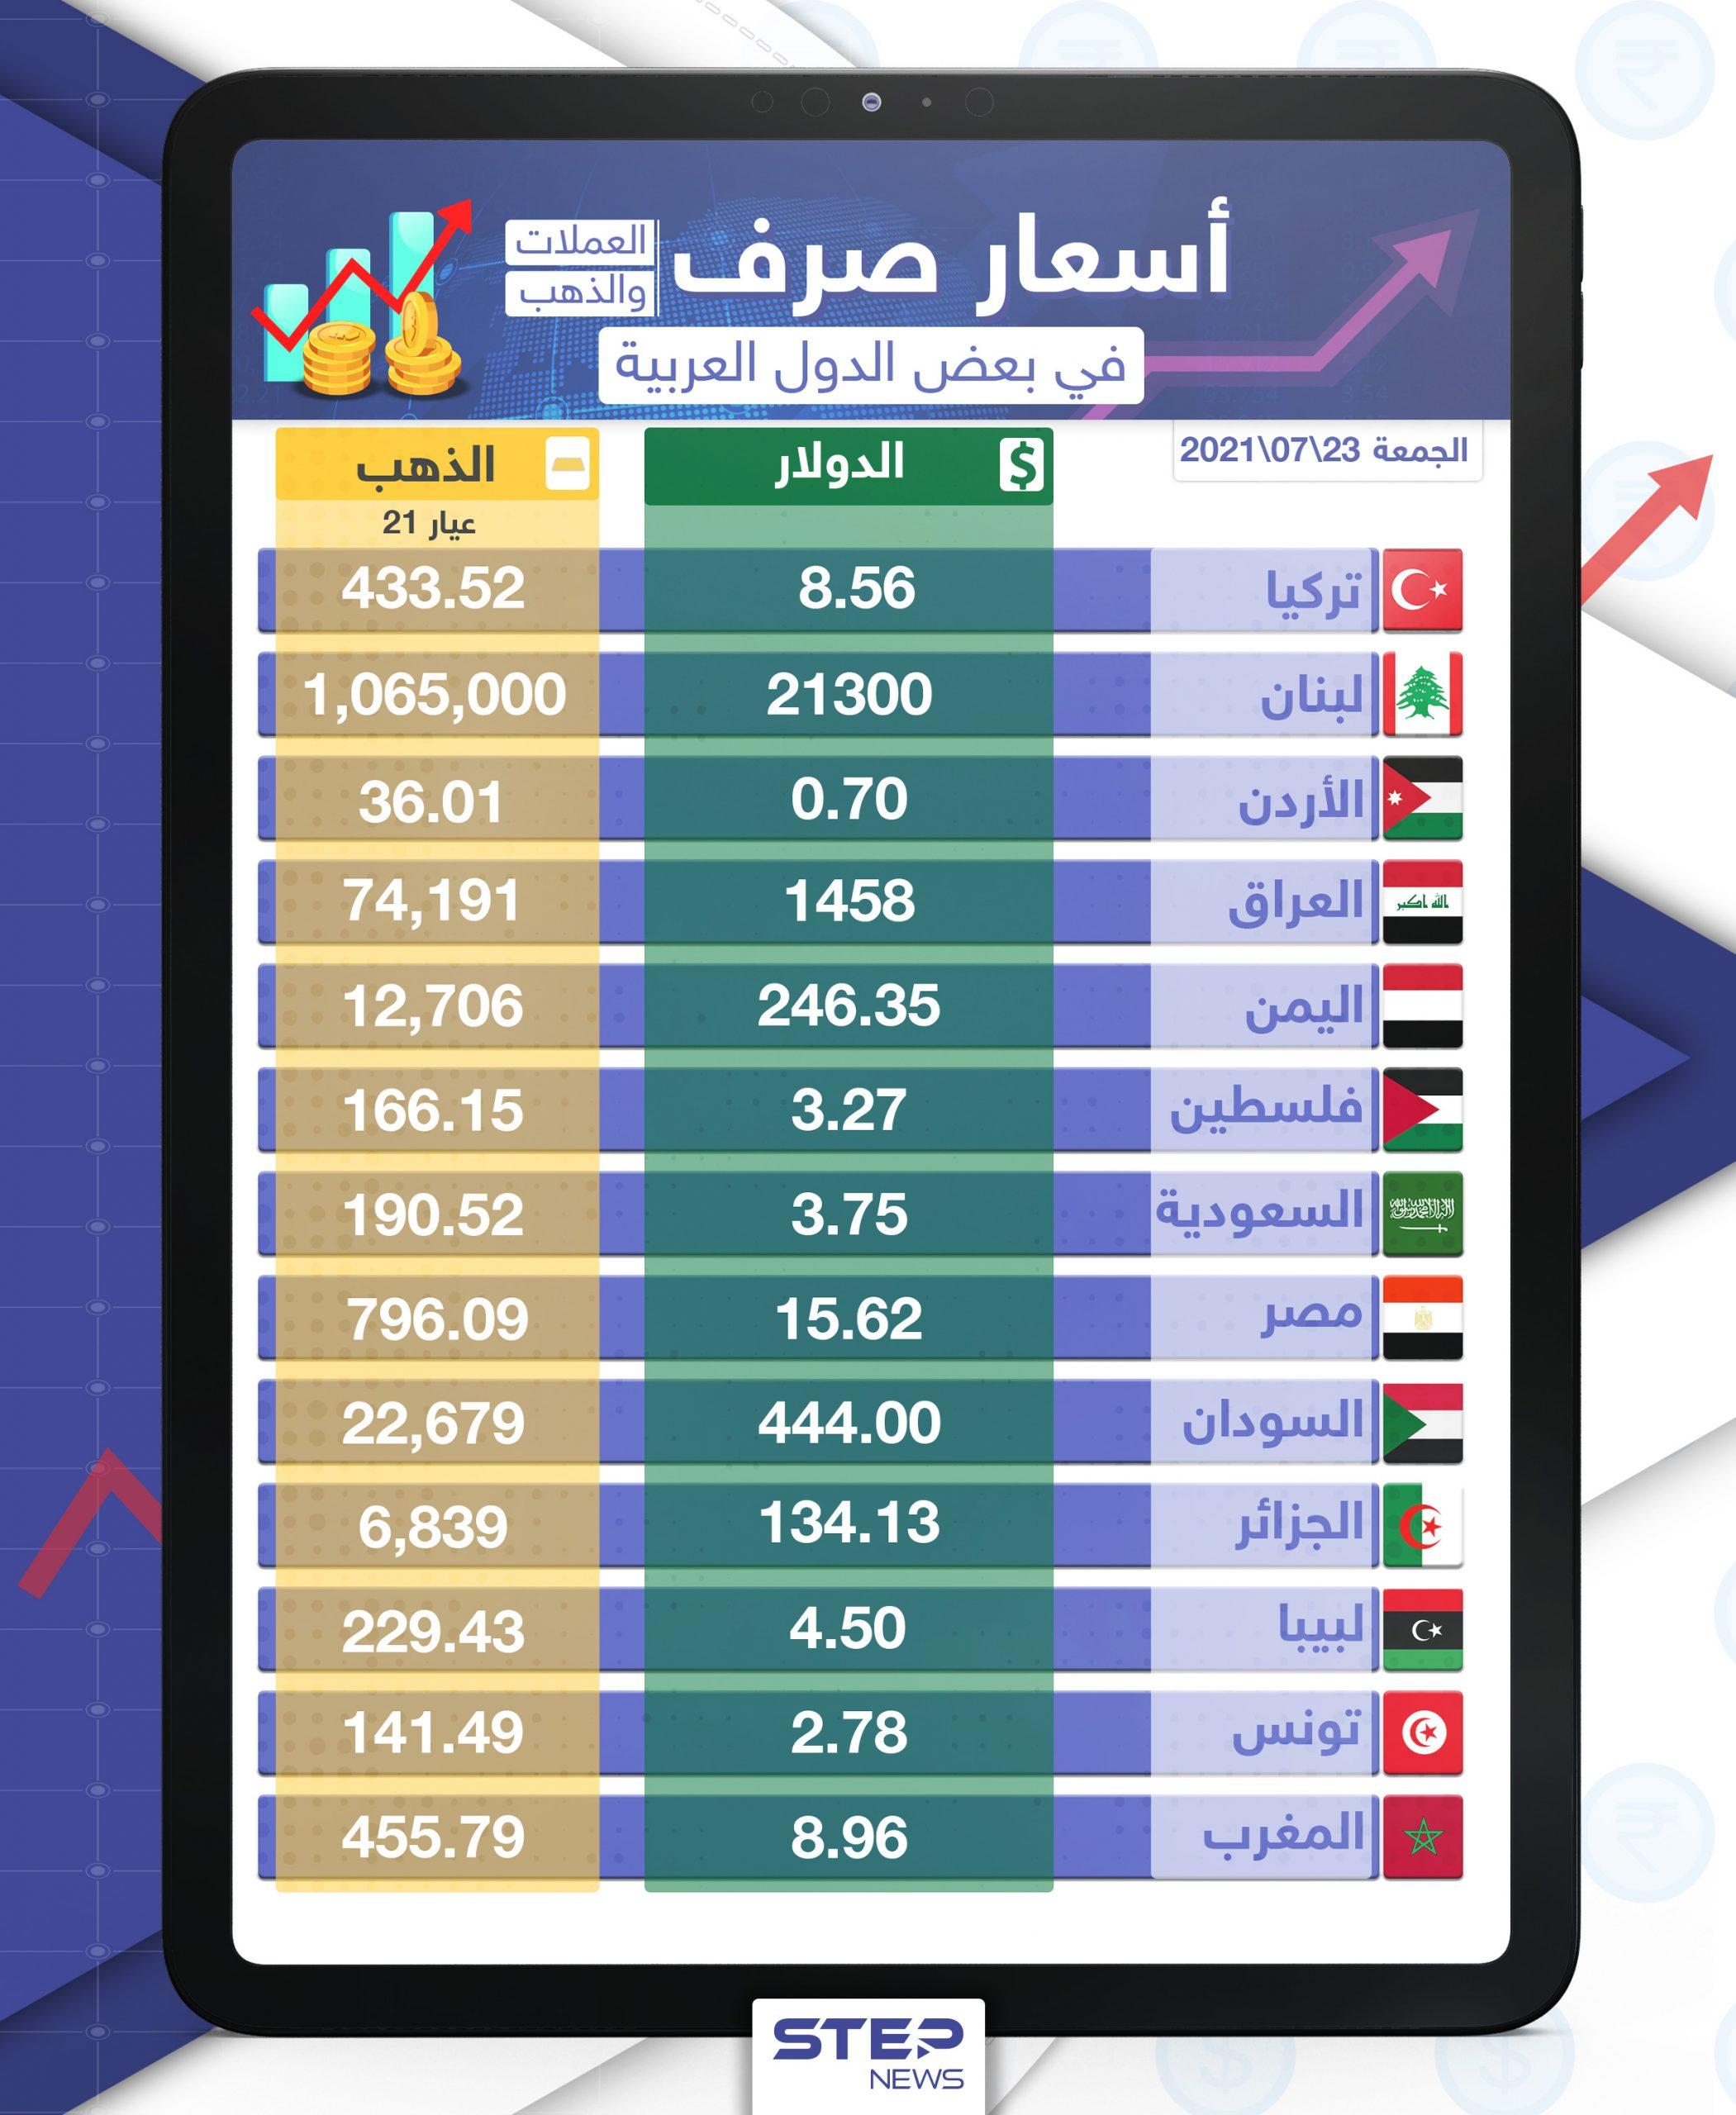 أسعار الذهب والعملات للدول العربية وتركيا اليوم الجمعة الموافق 23 تموز 2021